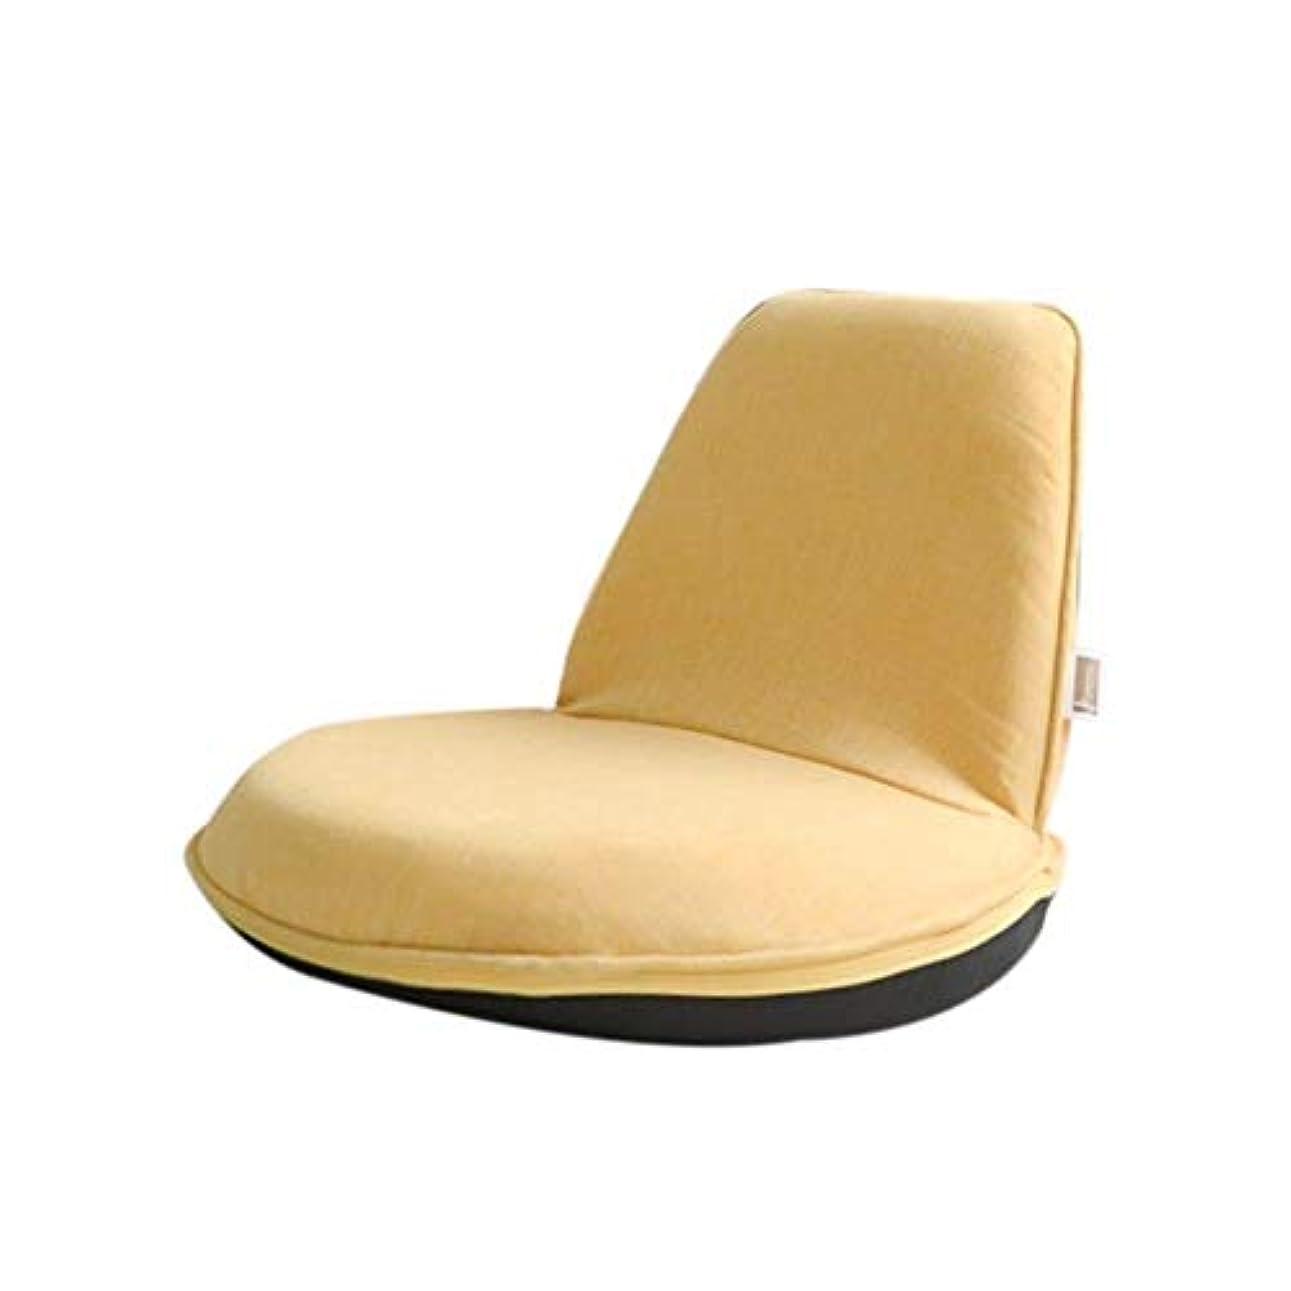 細分化するヤギ盟主瞑想チェア、レイジーチェア、子供用シングルミニ折りたたみフロアチェア、ベッドルームレイジースモールソファ、ゲームチェア、畳、背もたれ付きベッドルームベイウィンドウ日本の椅子 (Color : 黄)